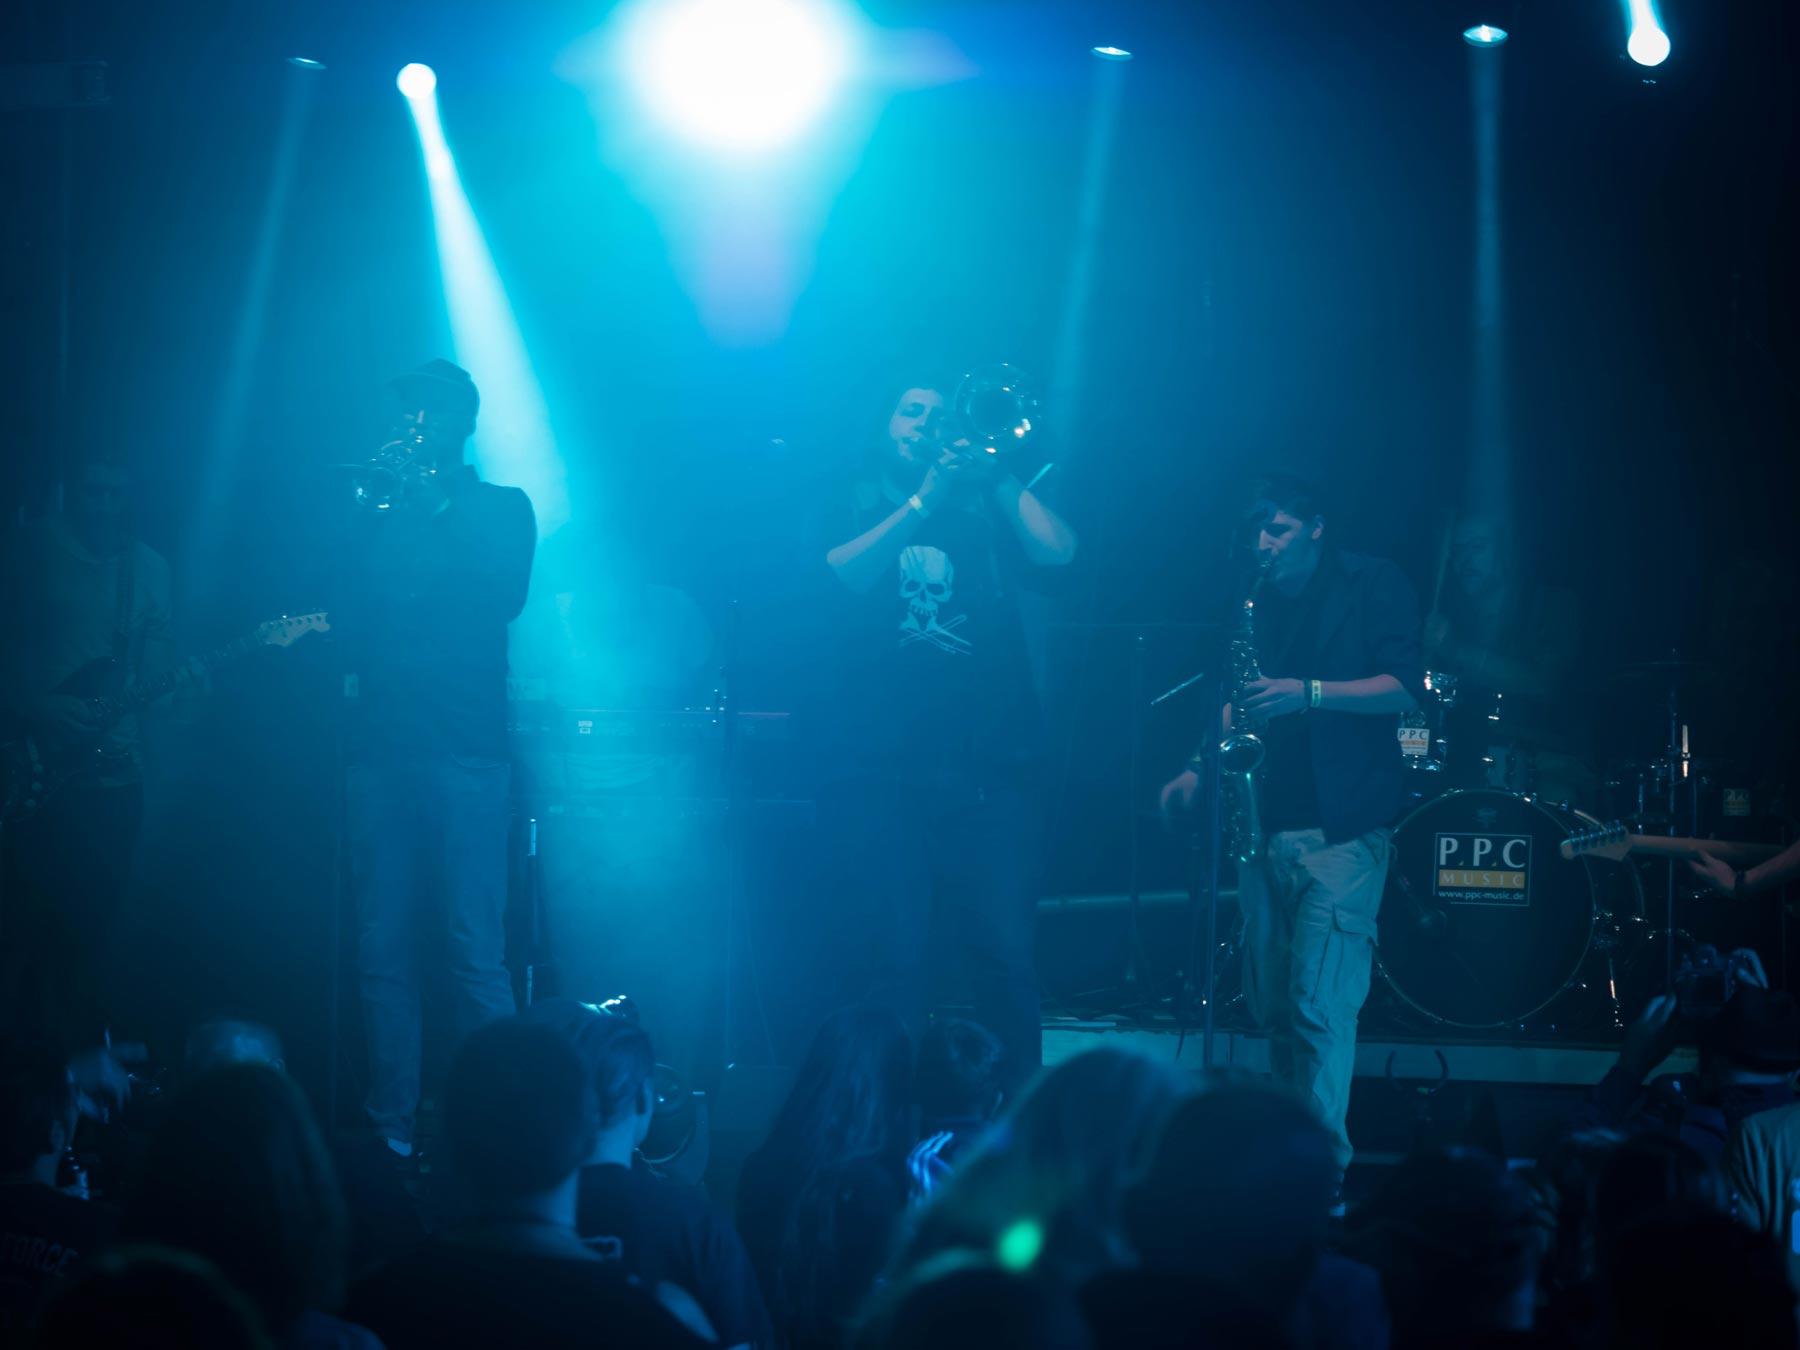 Reggaedemmi - Reggae